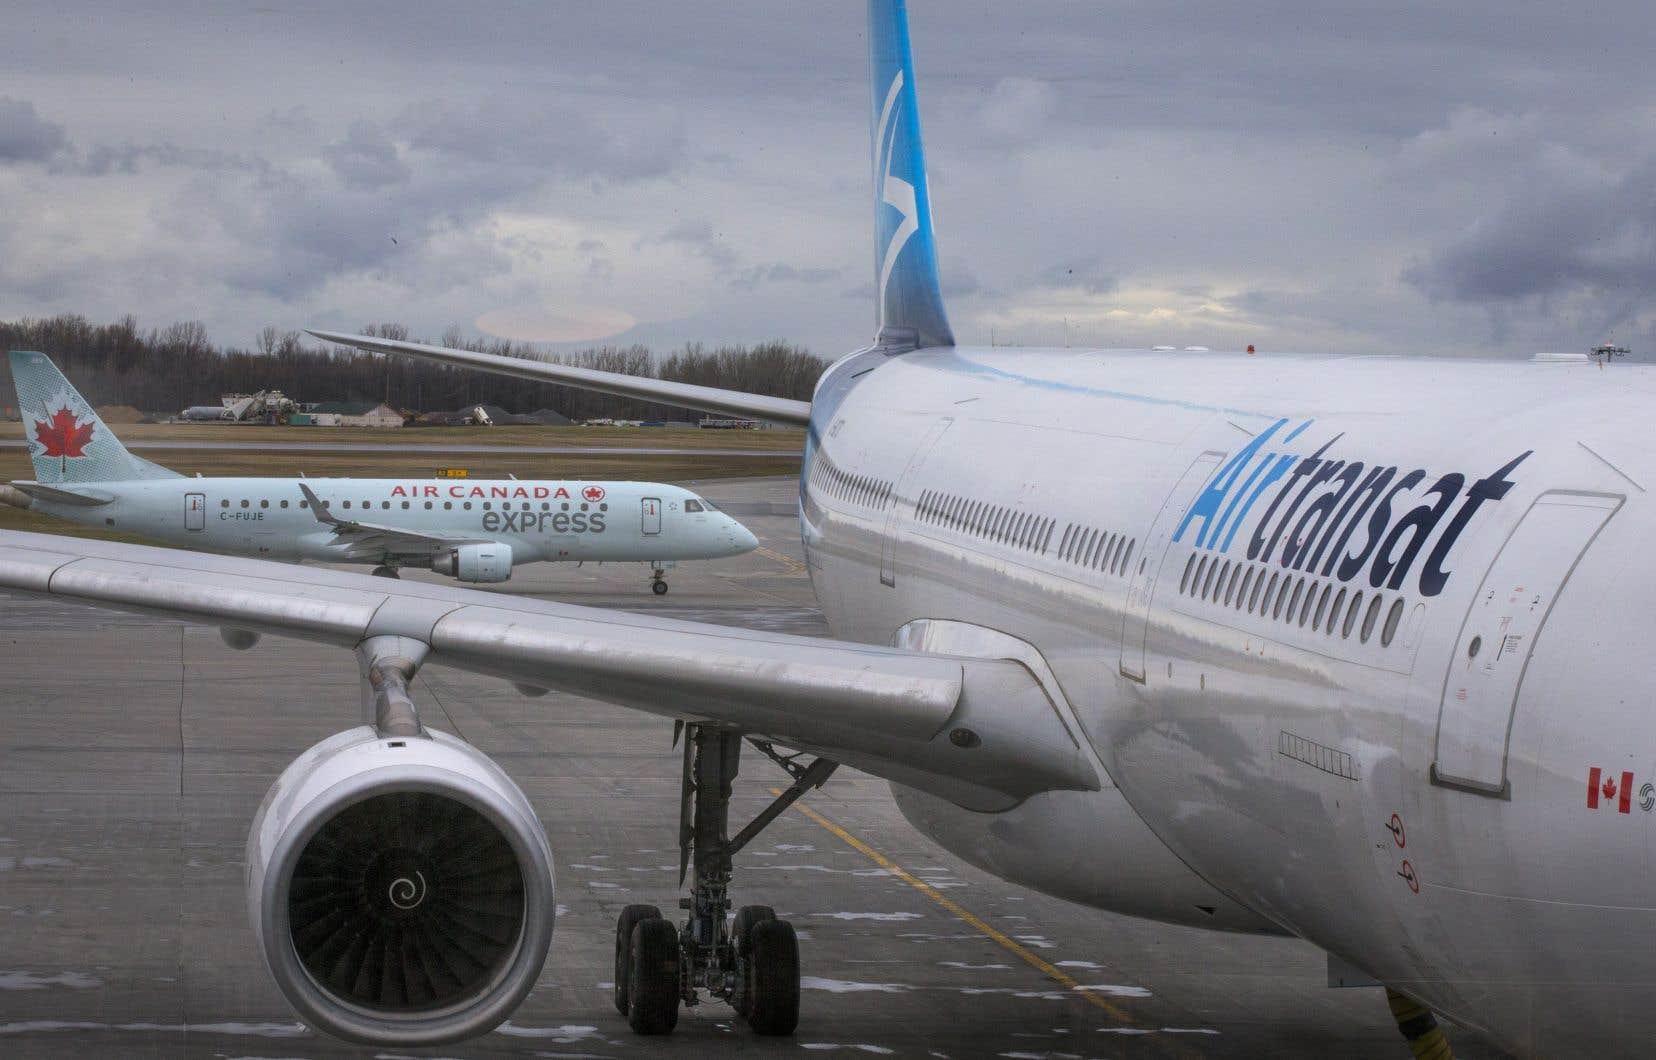 Air Canada a annoncé dimanche soir un nouveau prix d'achat total d'environ 720 millions de dollars, contre sa proposition initiale de 520 millions.